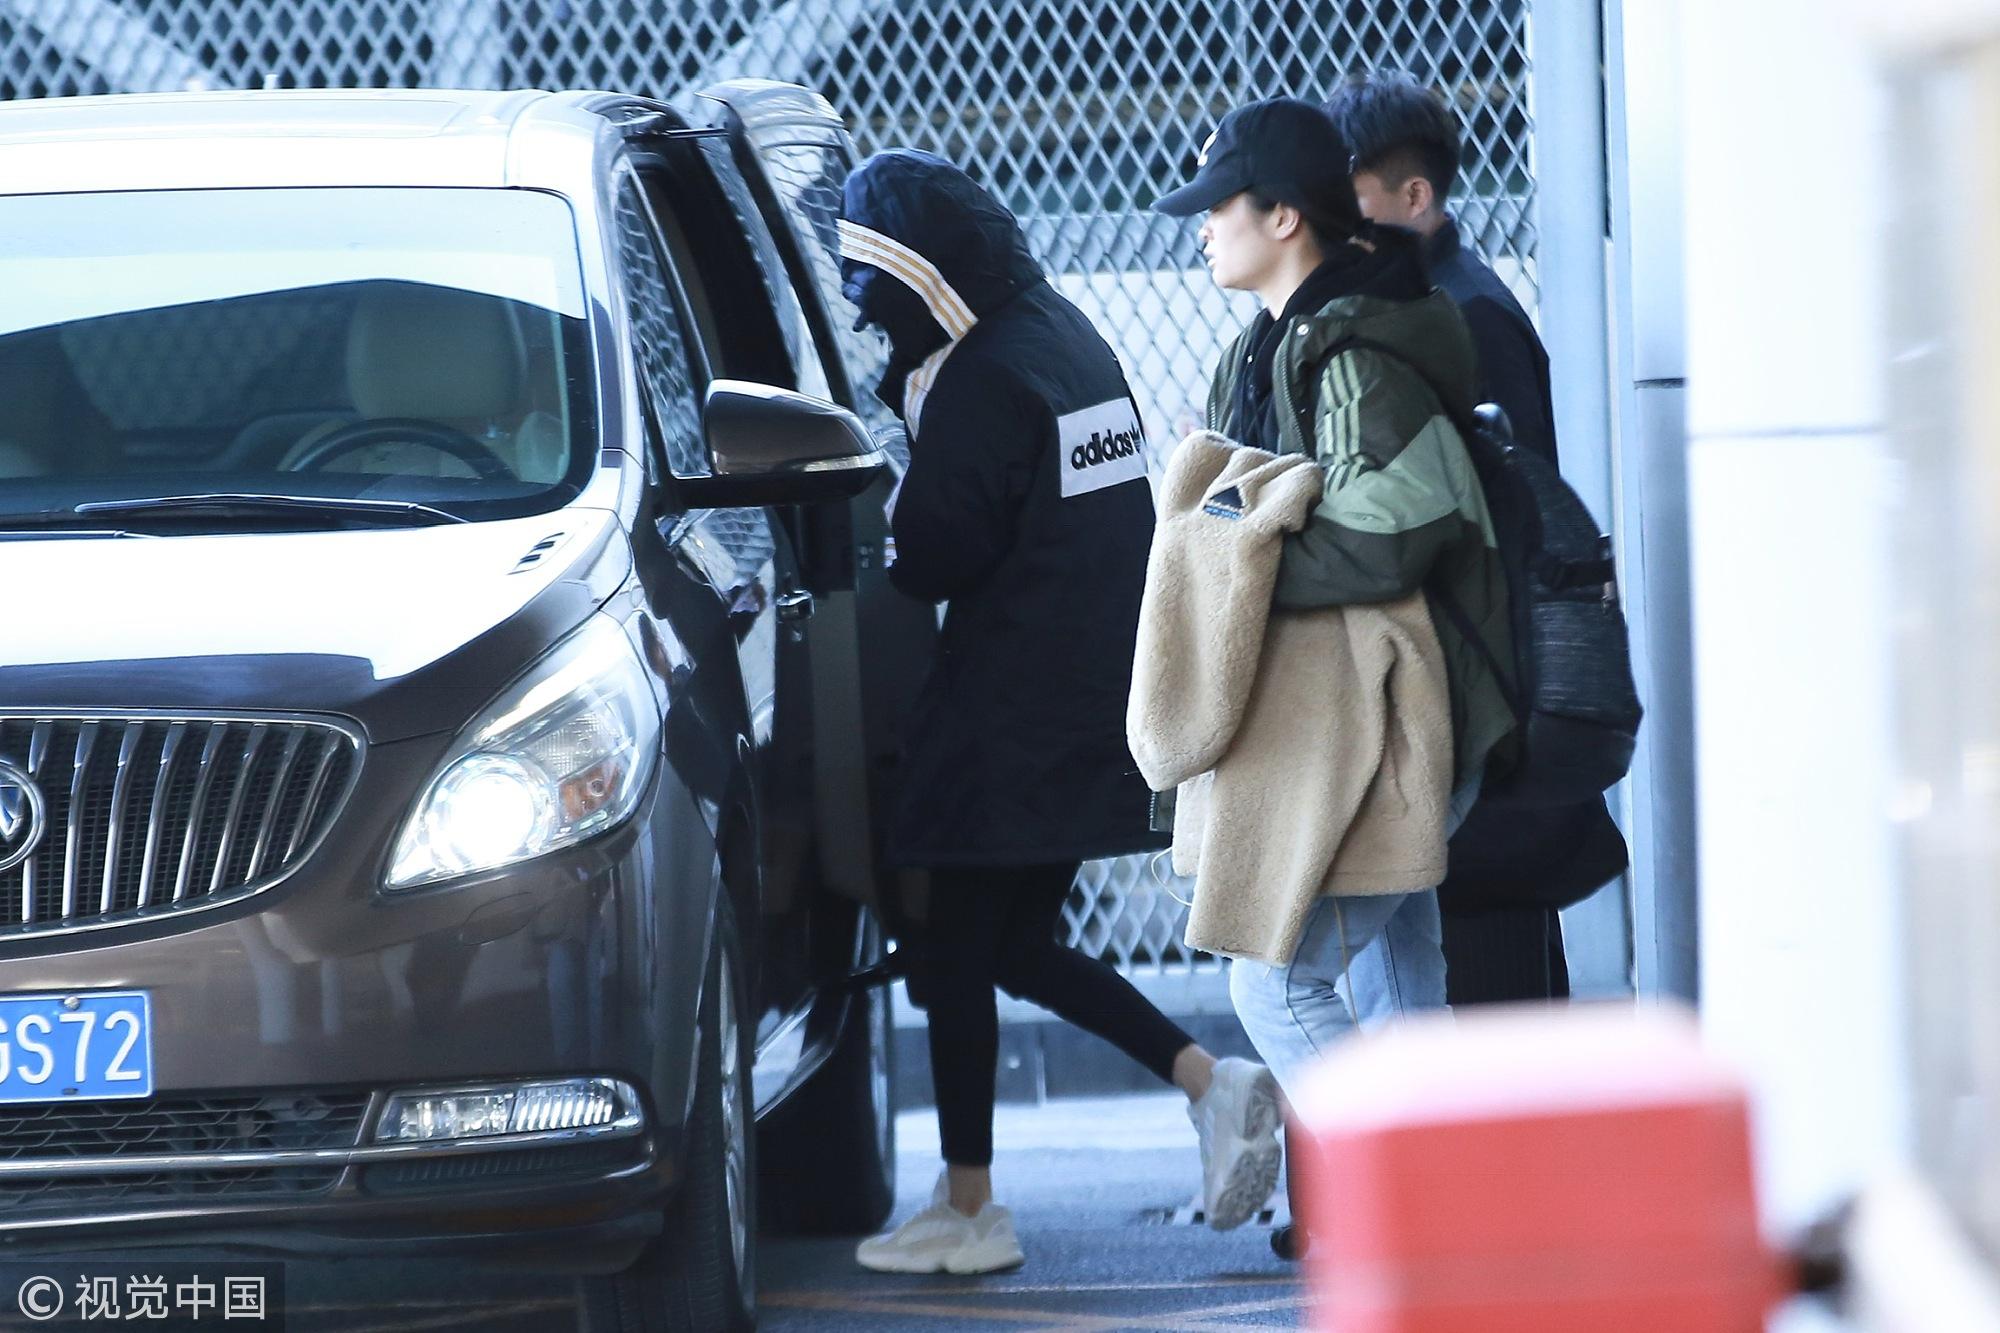 杨幂官宣离婚后首次现身机场 包裹严实不见真容只露美腿